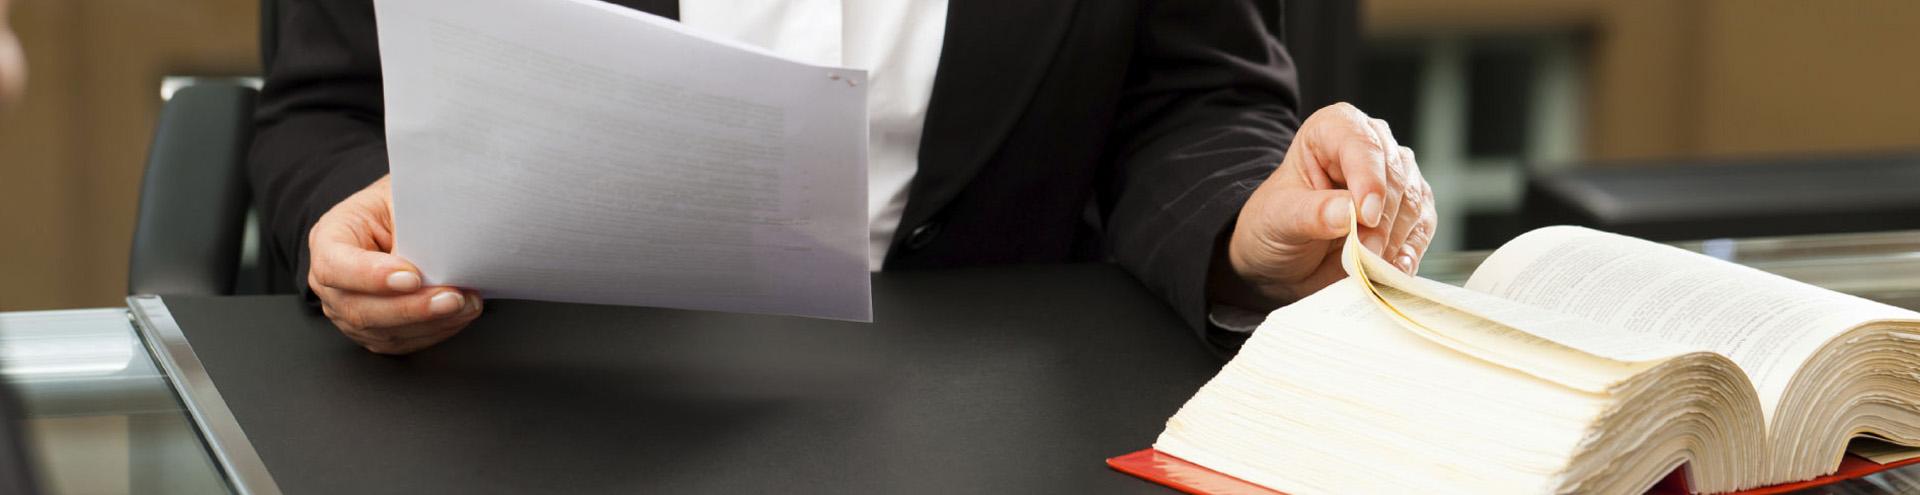 Касационное обжалование решения арбитражного суда в Липецке